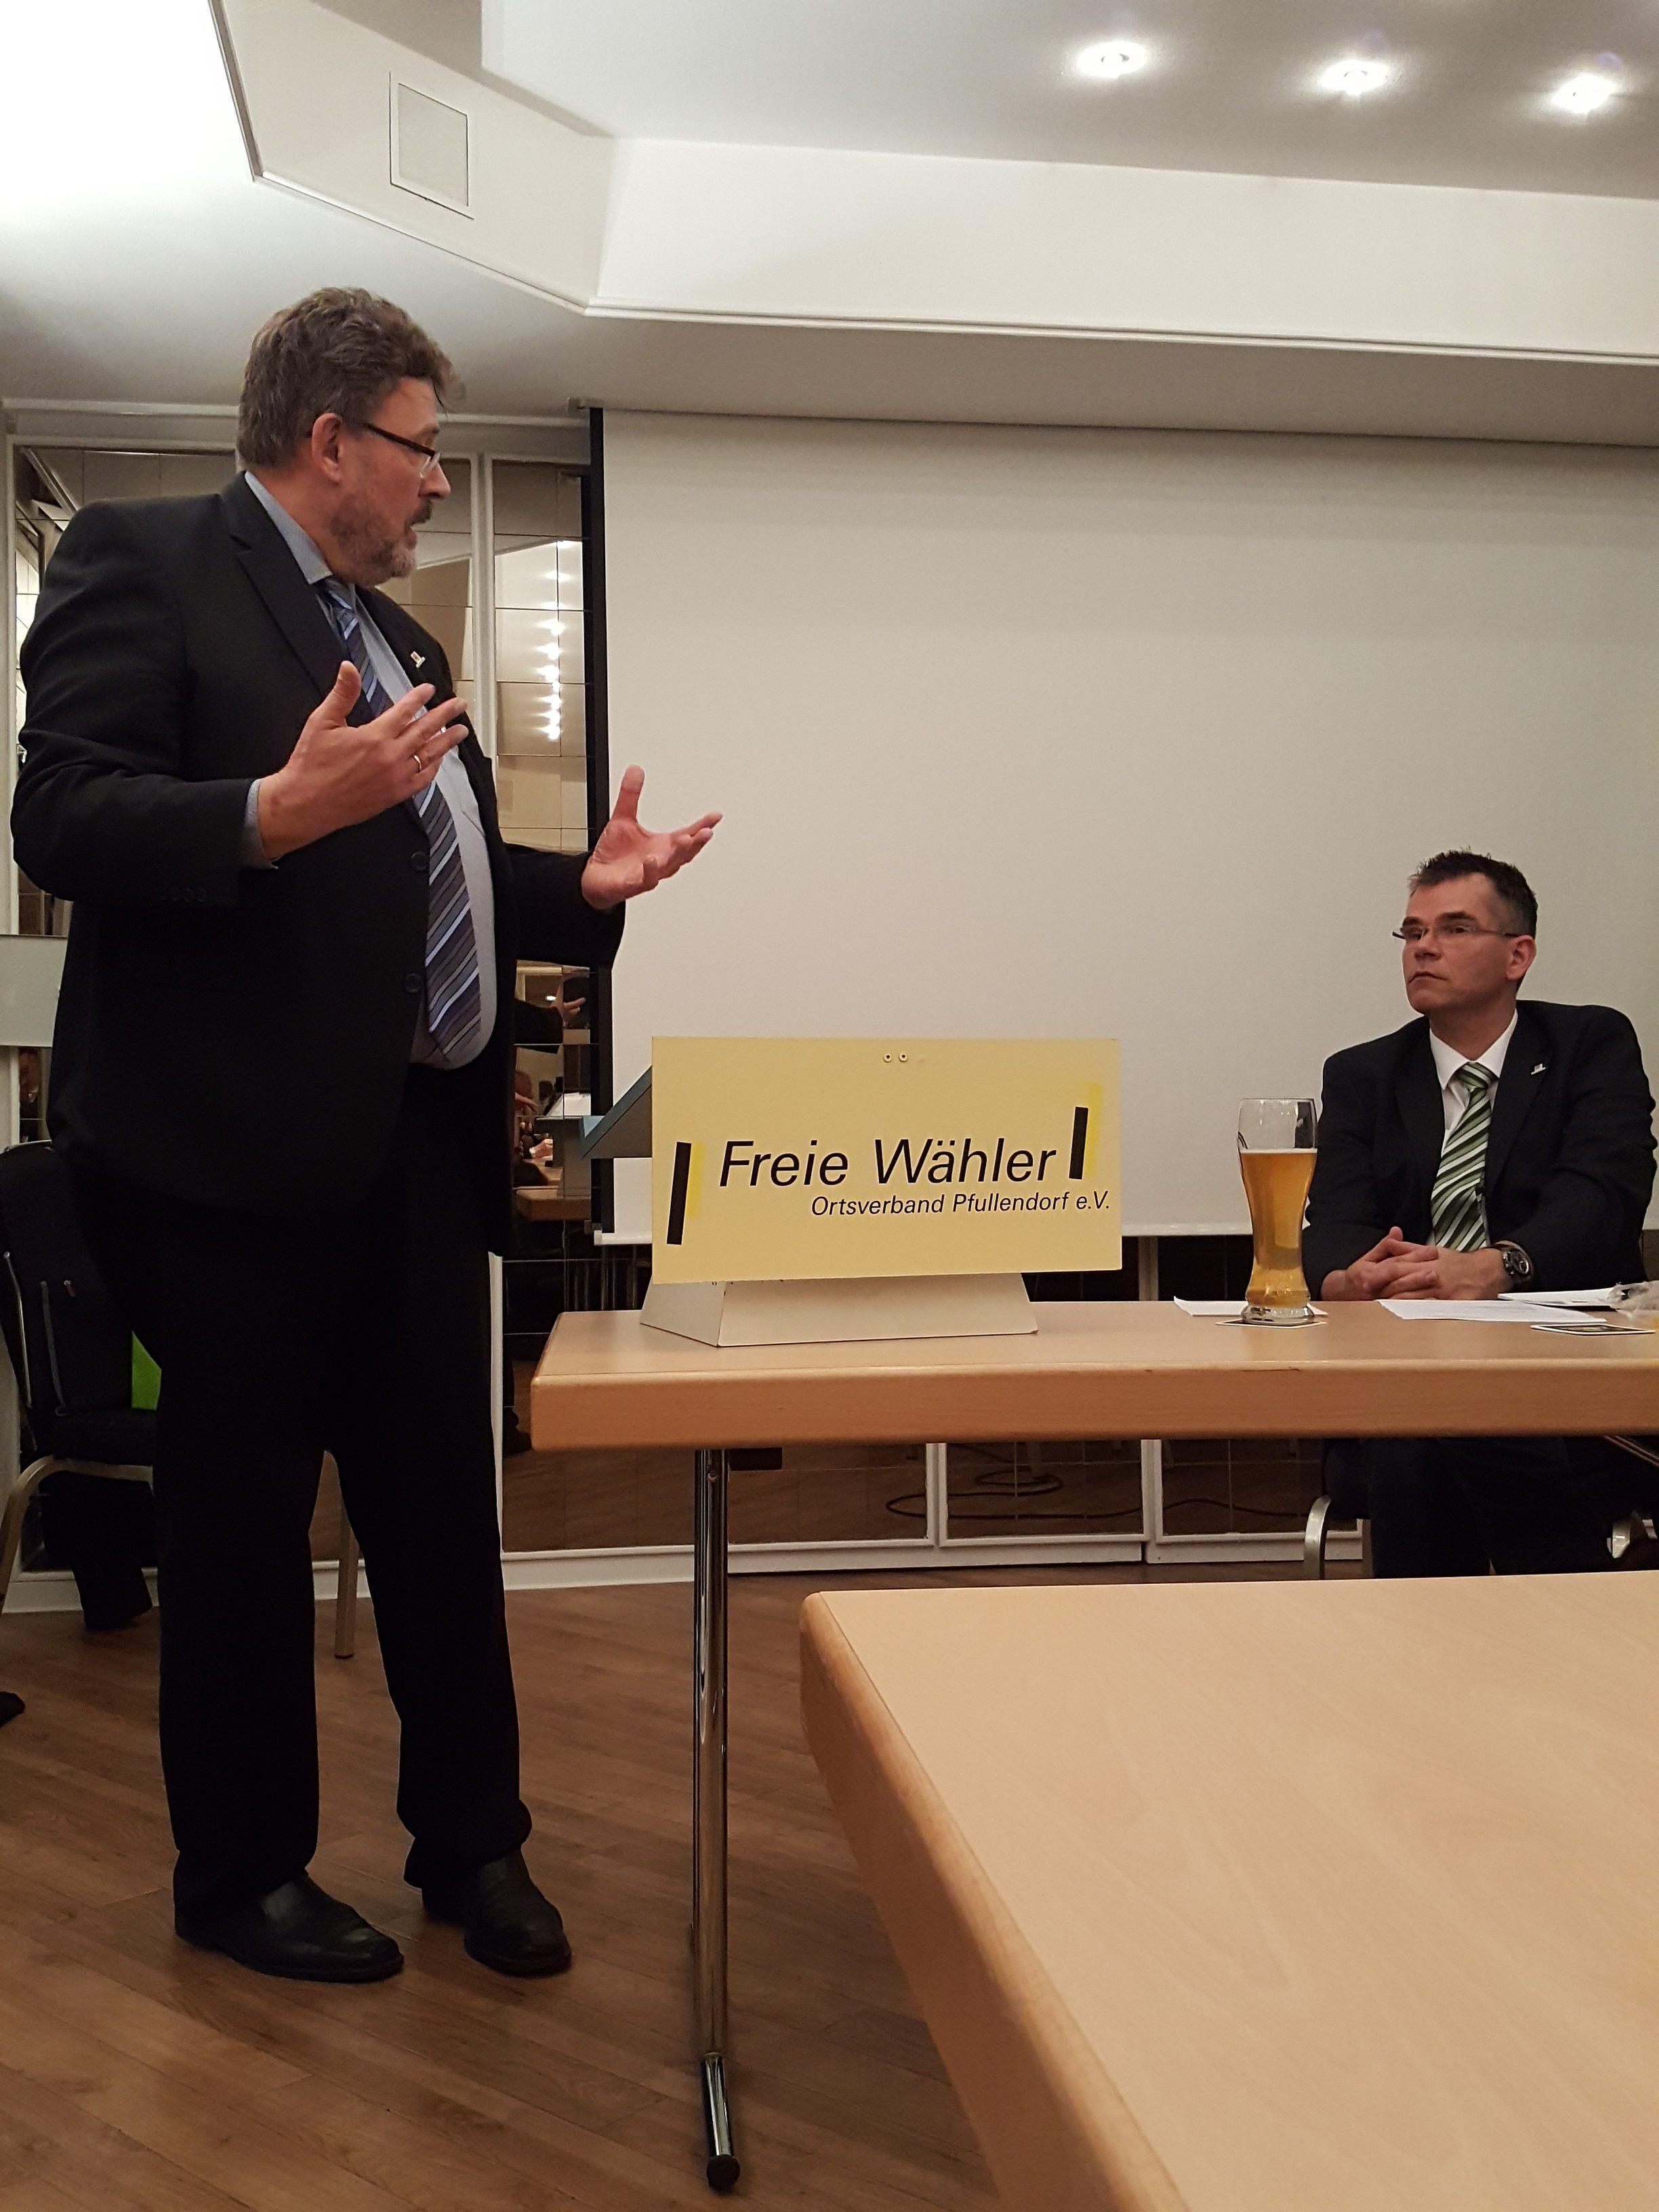 Generalversammlung der Freien Wähler in Pfullendorf › Freie Wähler ...